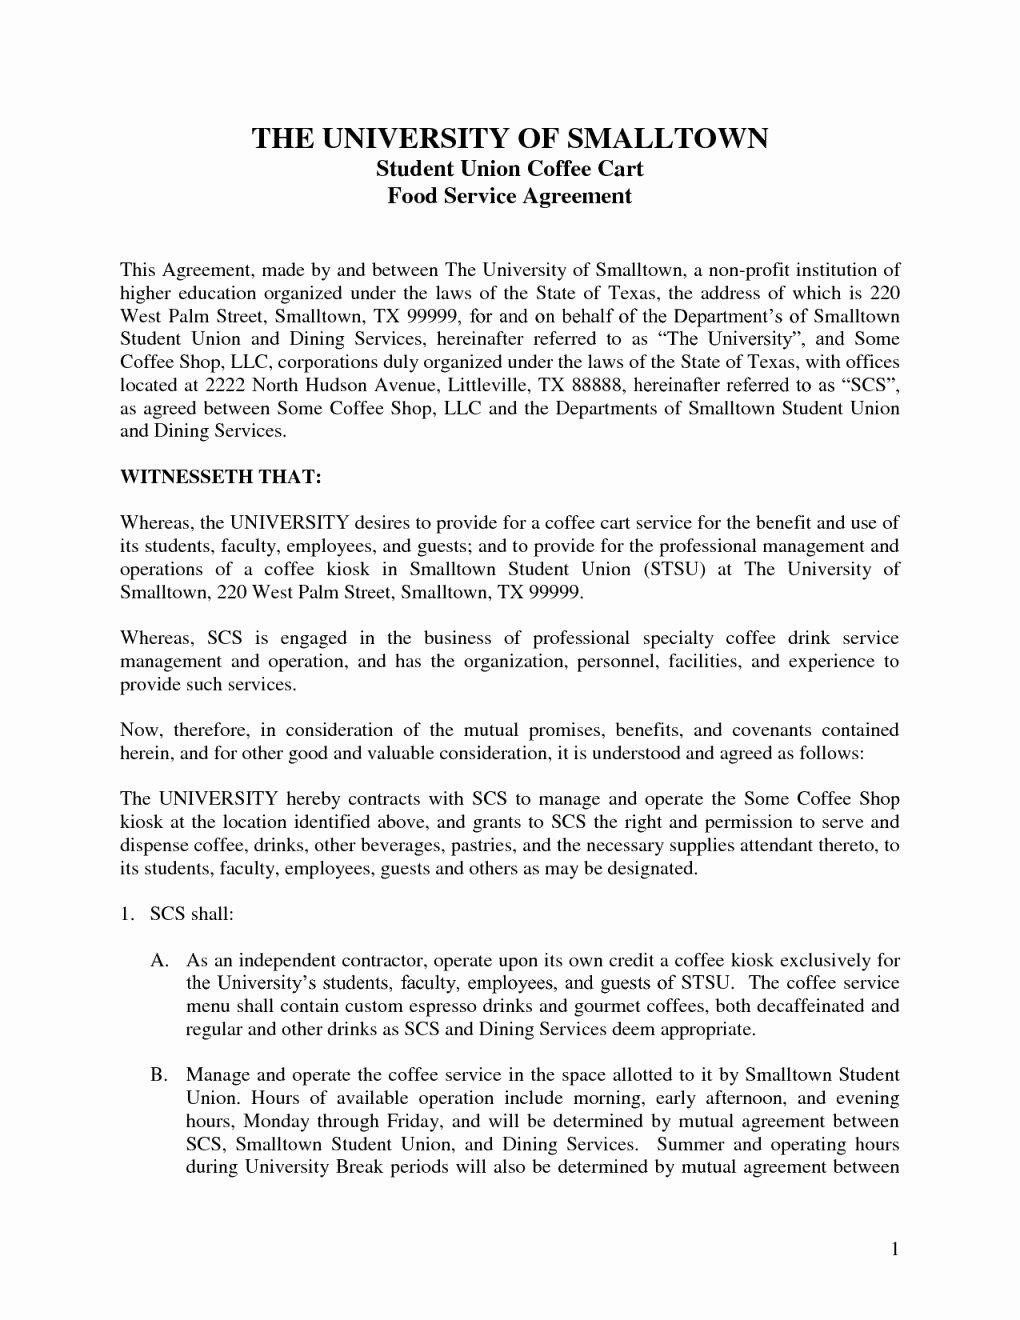 Contract Template Between Two Parties Elegant Sample Contract Agreement Between Two Parties